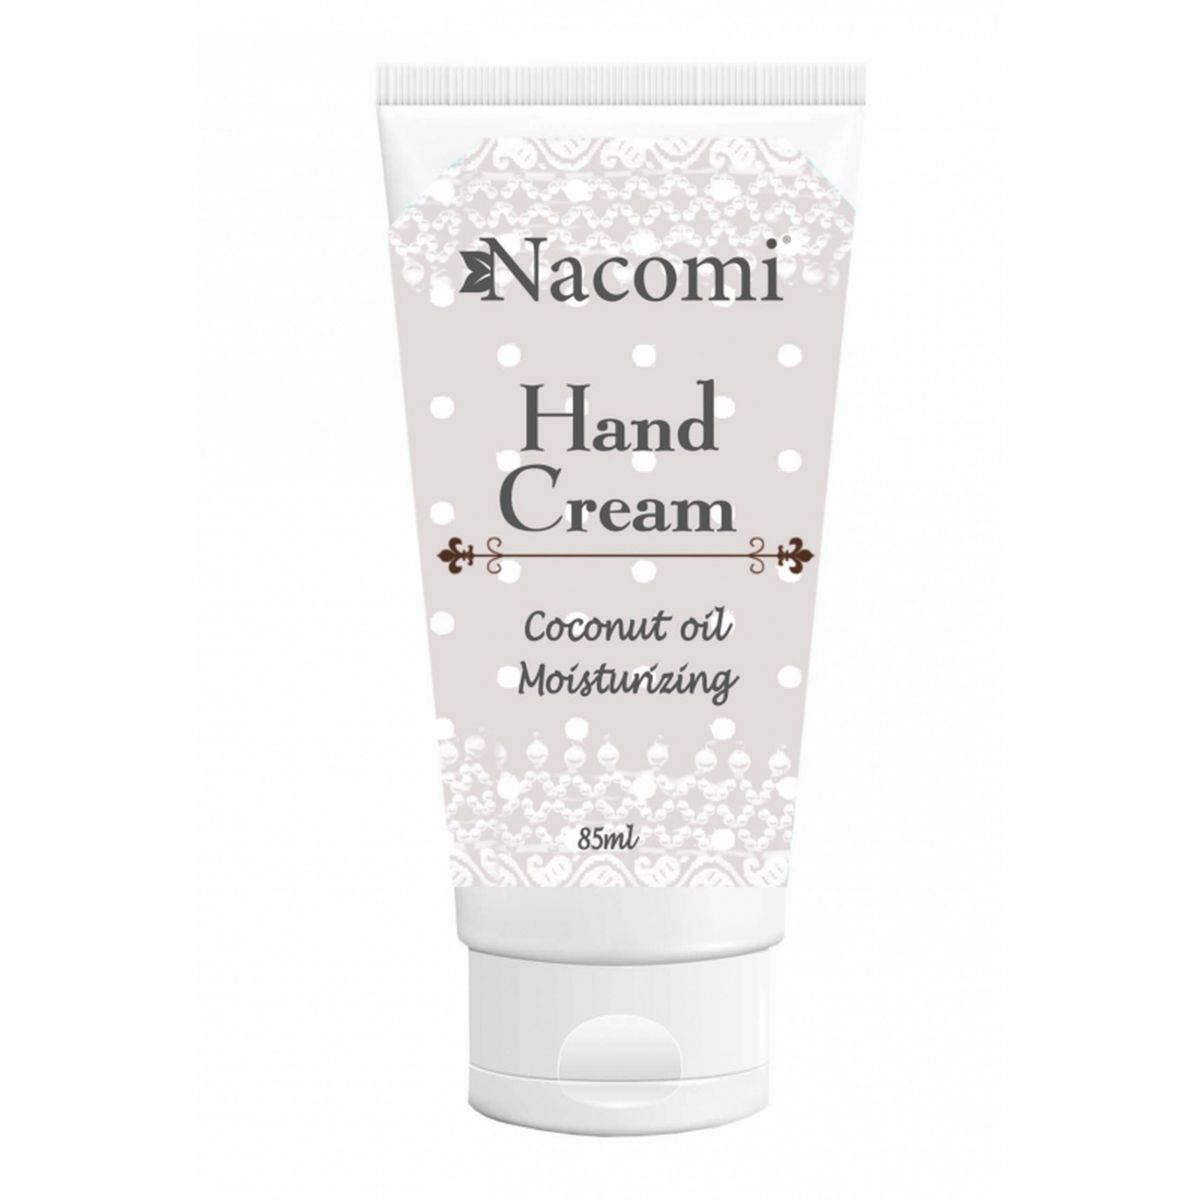 Nawilżający krem do rąk z olejem kokosowym - 85ml - Nacomi